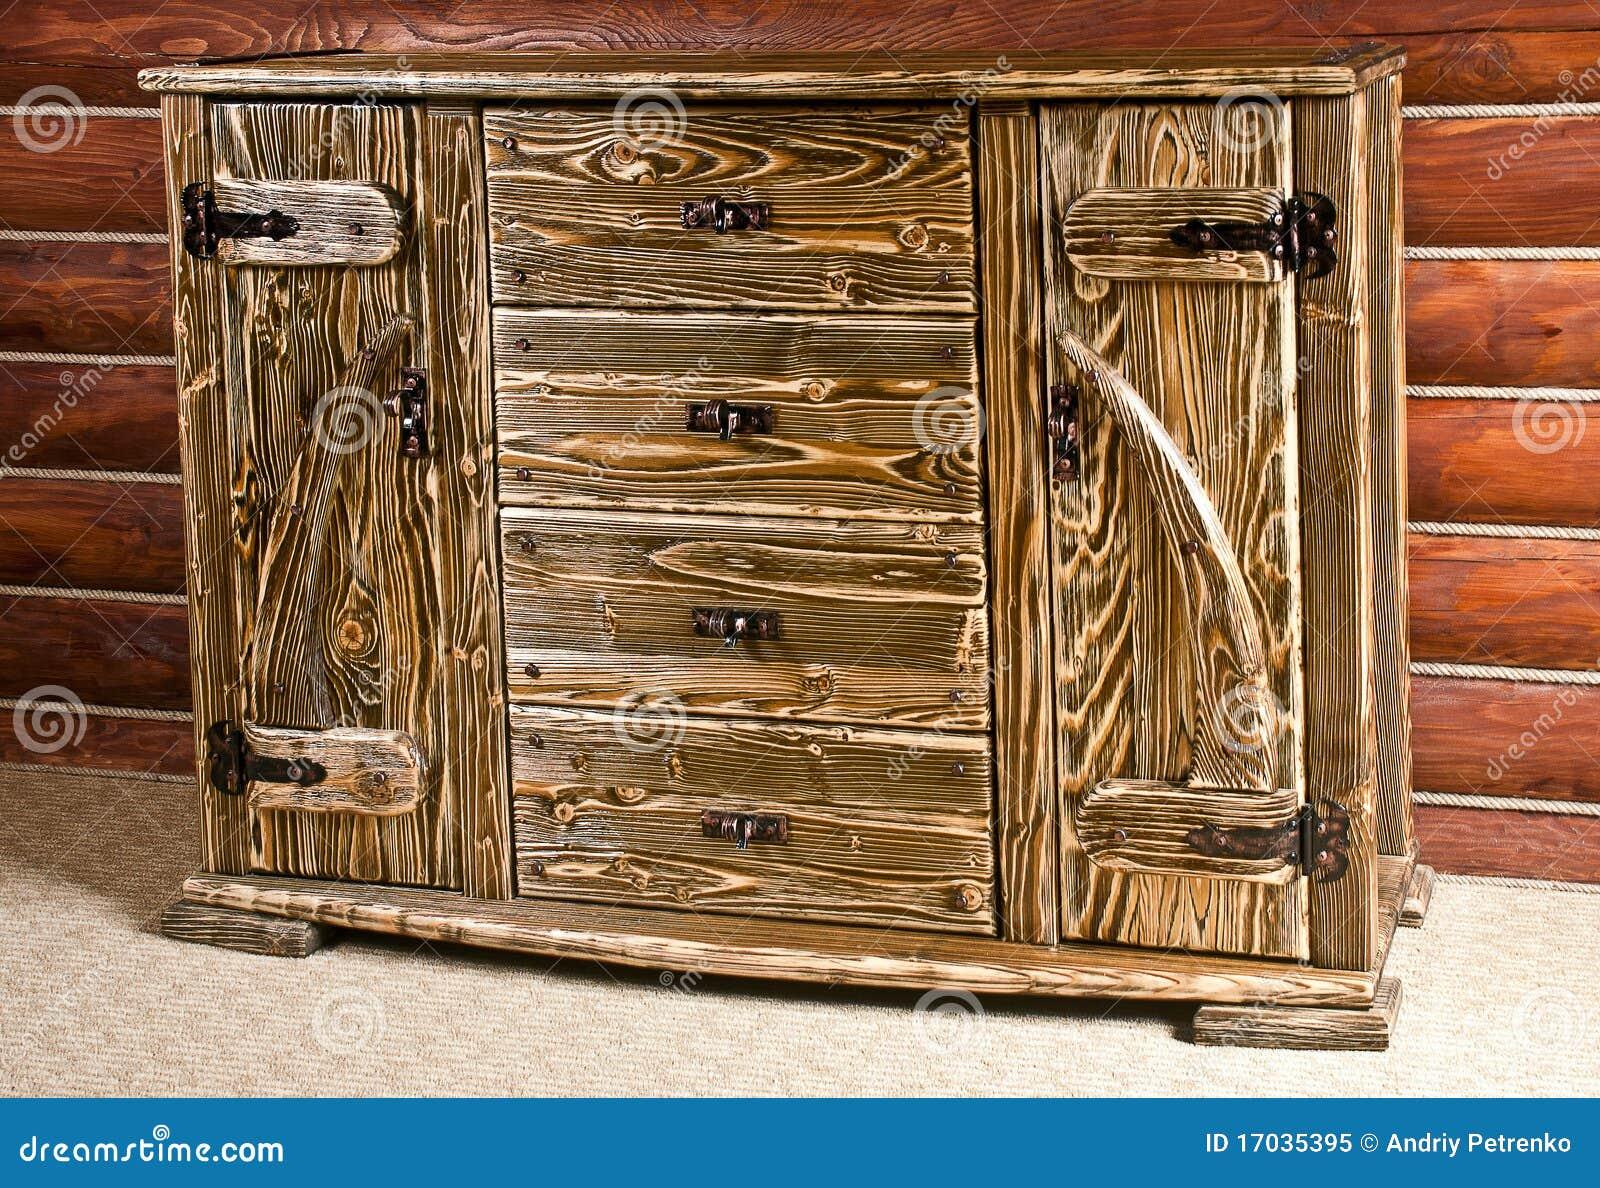 Muebles Hermosos Fotos De Stock Registrate Gratis # Muebles Raros De Madera